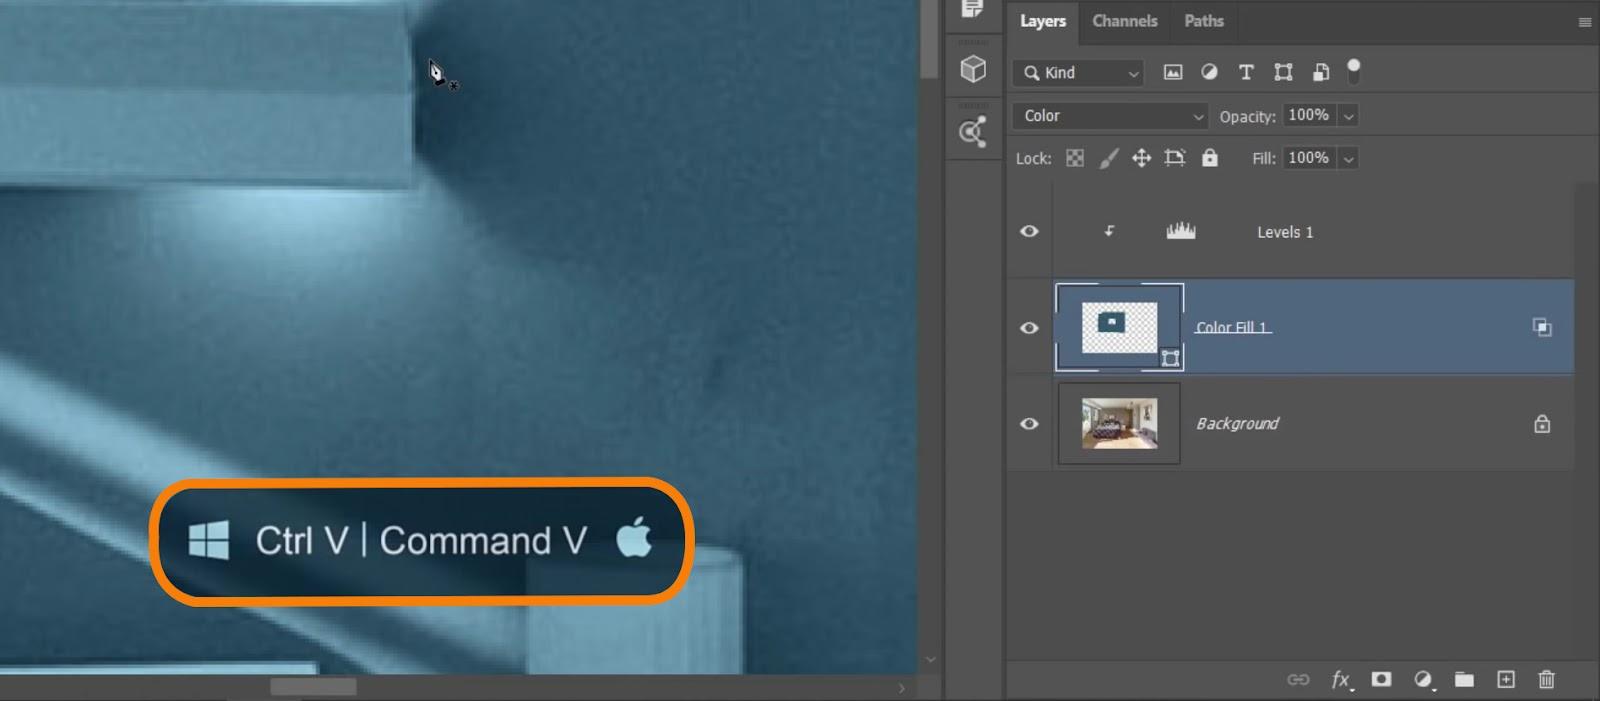 Press Ctrl V (Windows) or Command V (macOS)